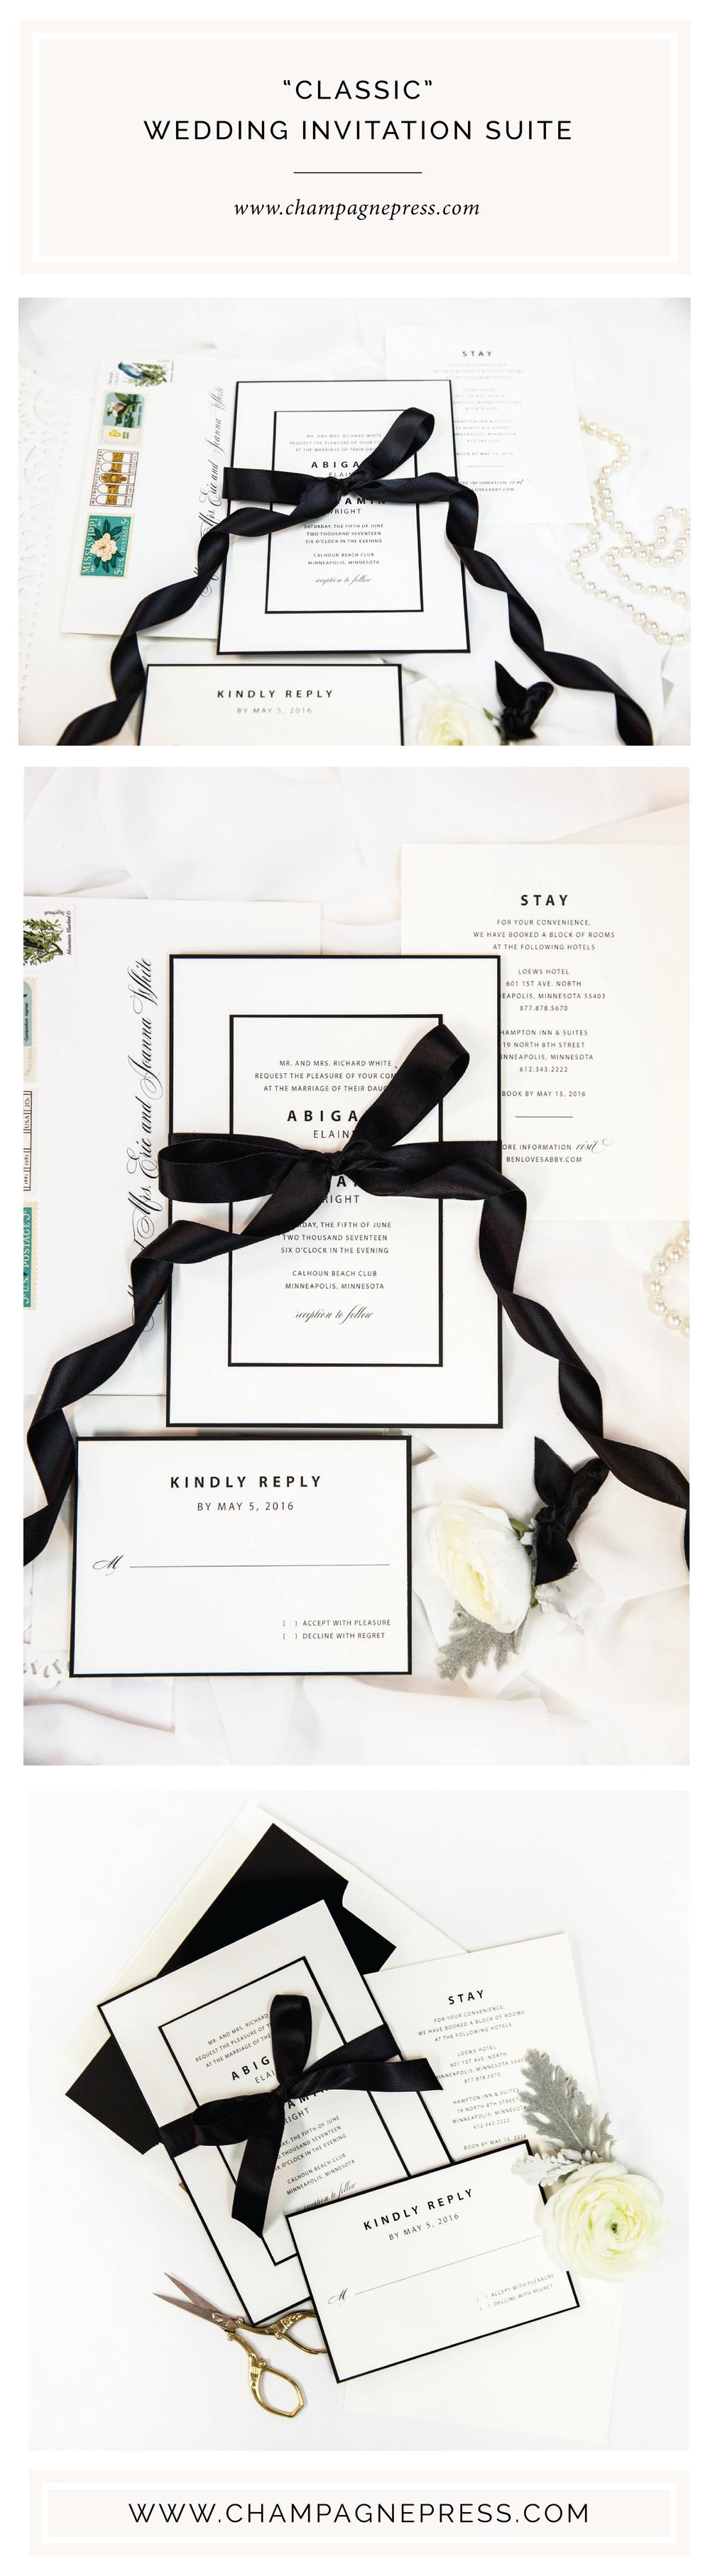 Champagne Press Classic Invitation Suite